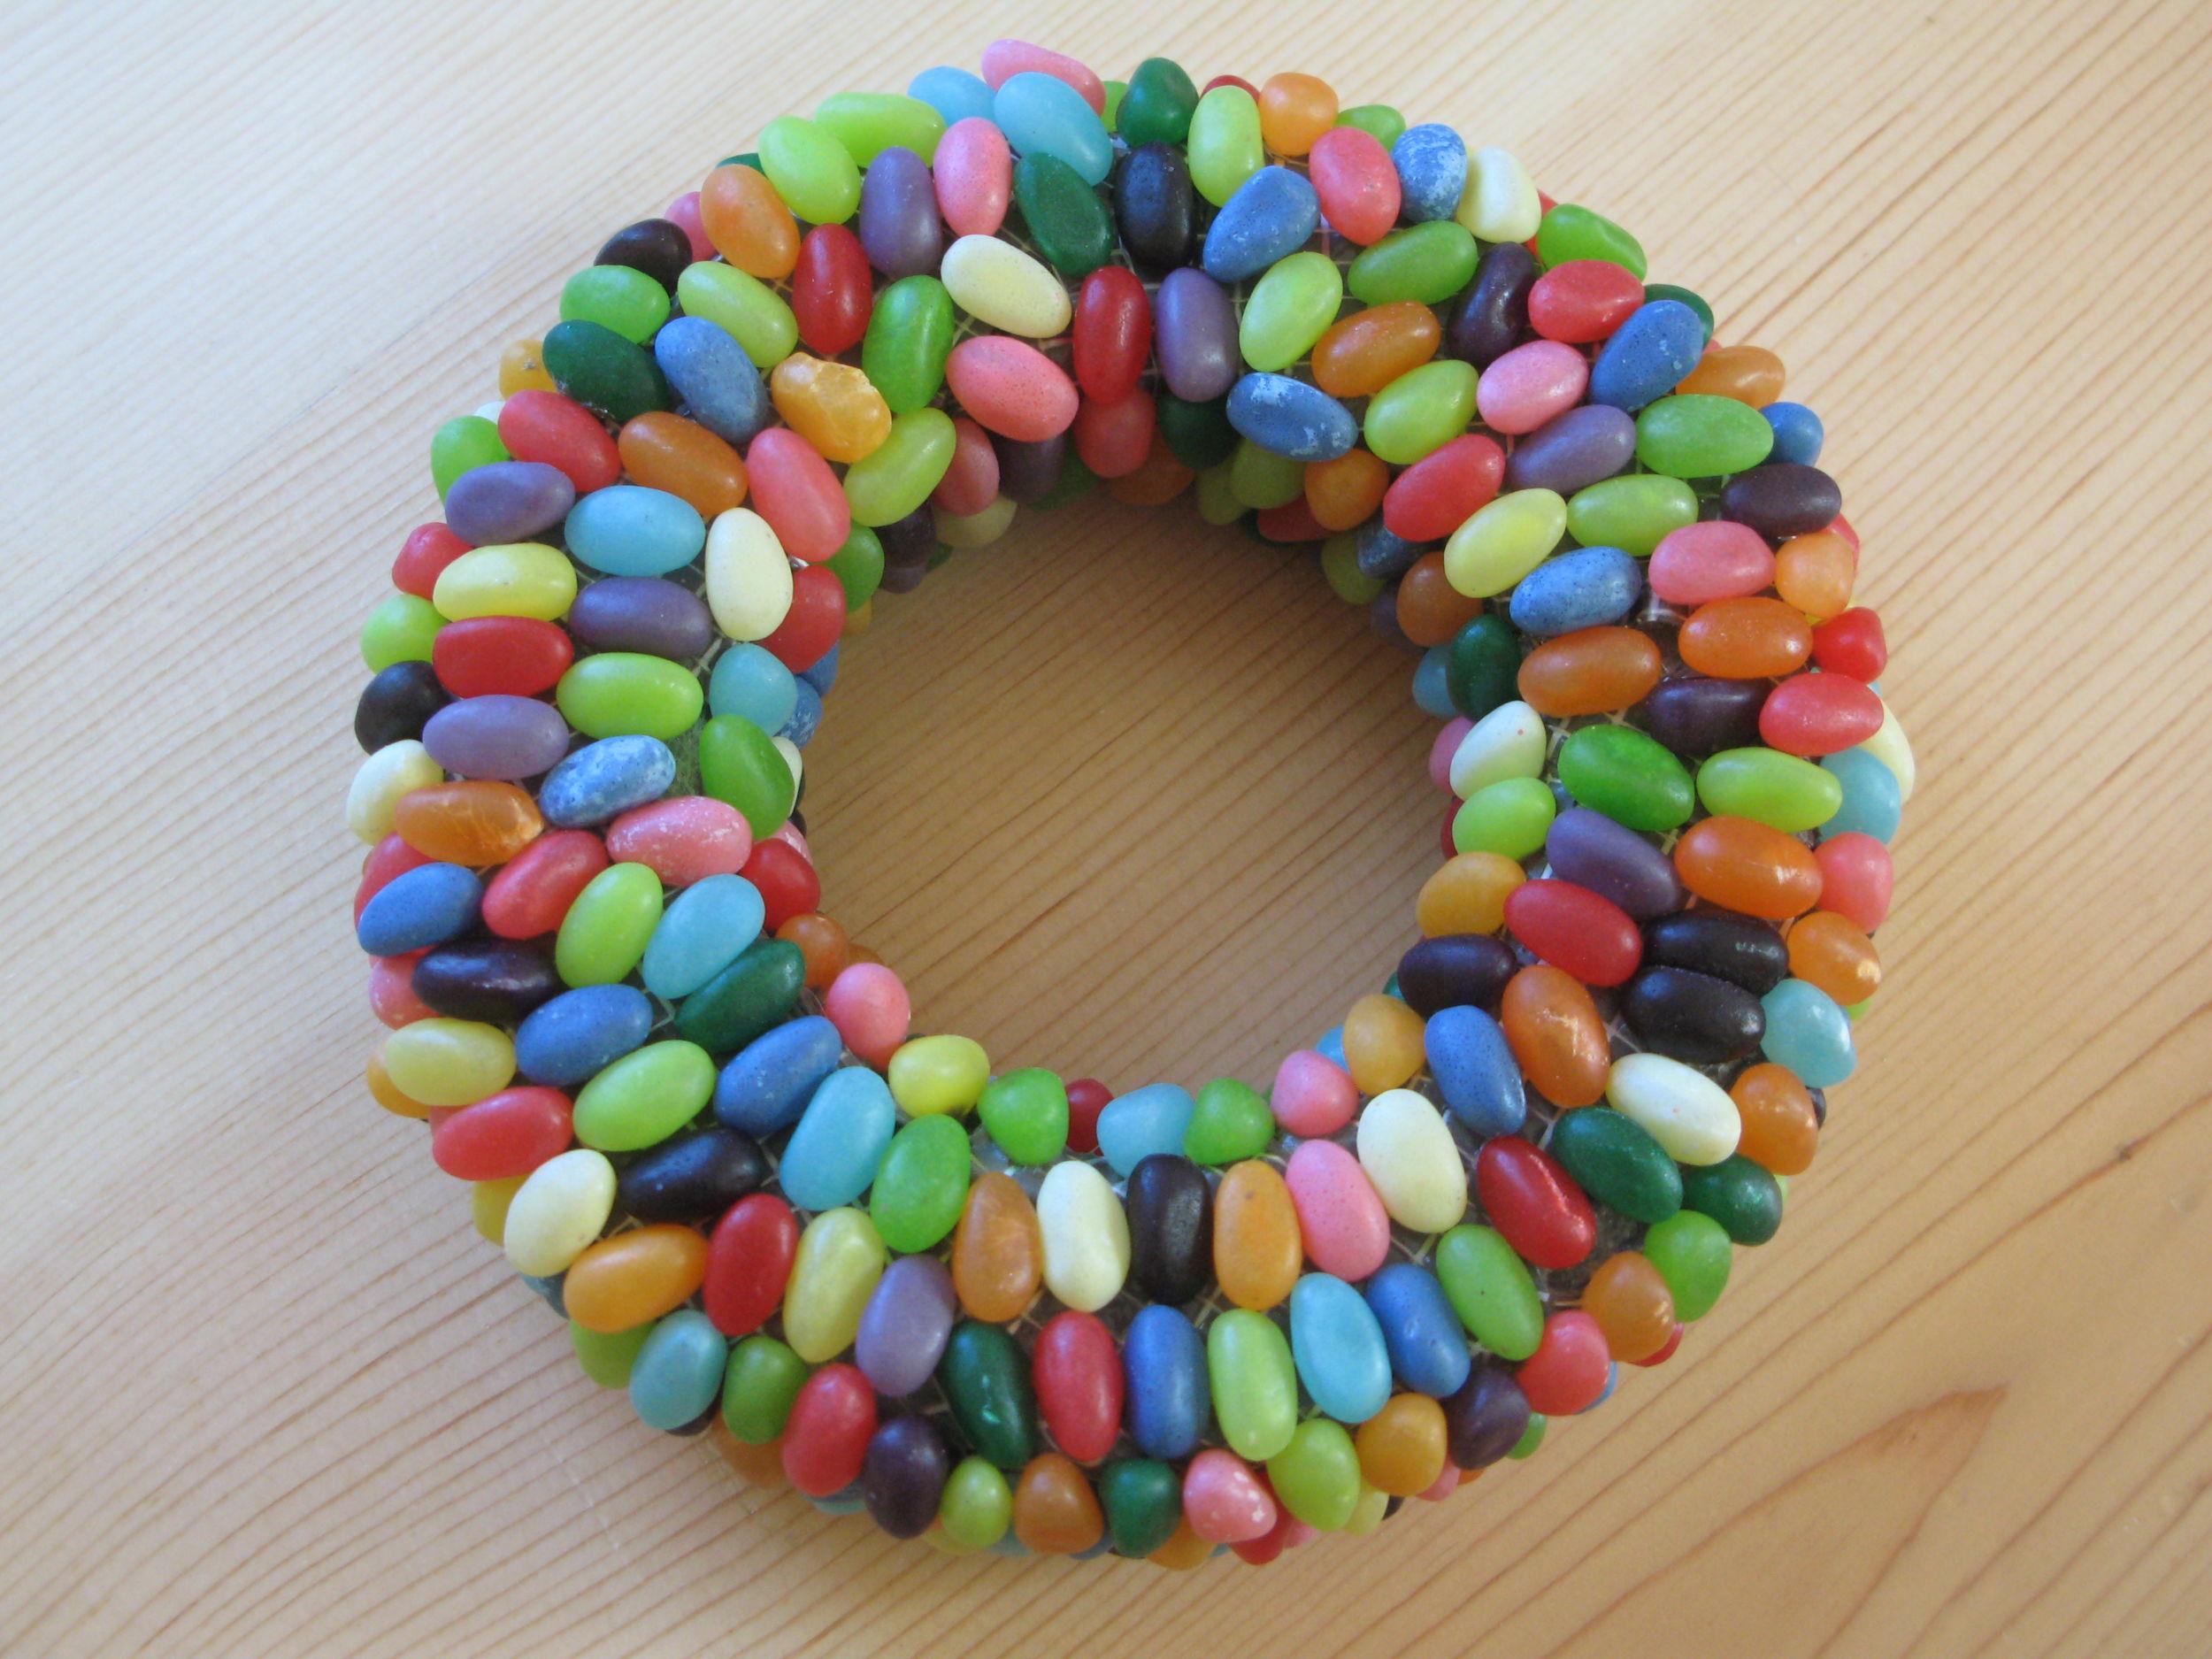 Jelly bean wreath